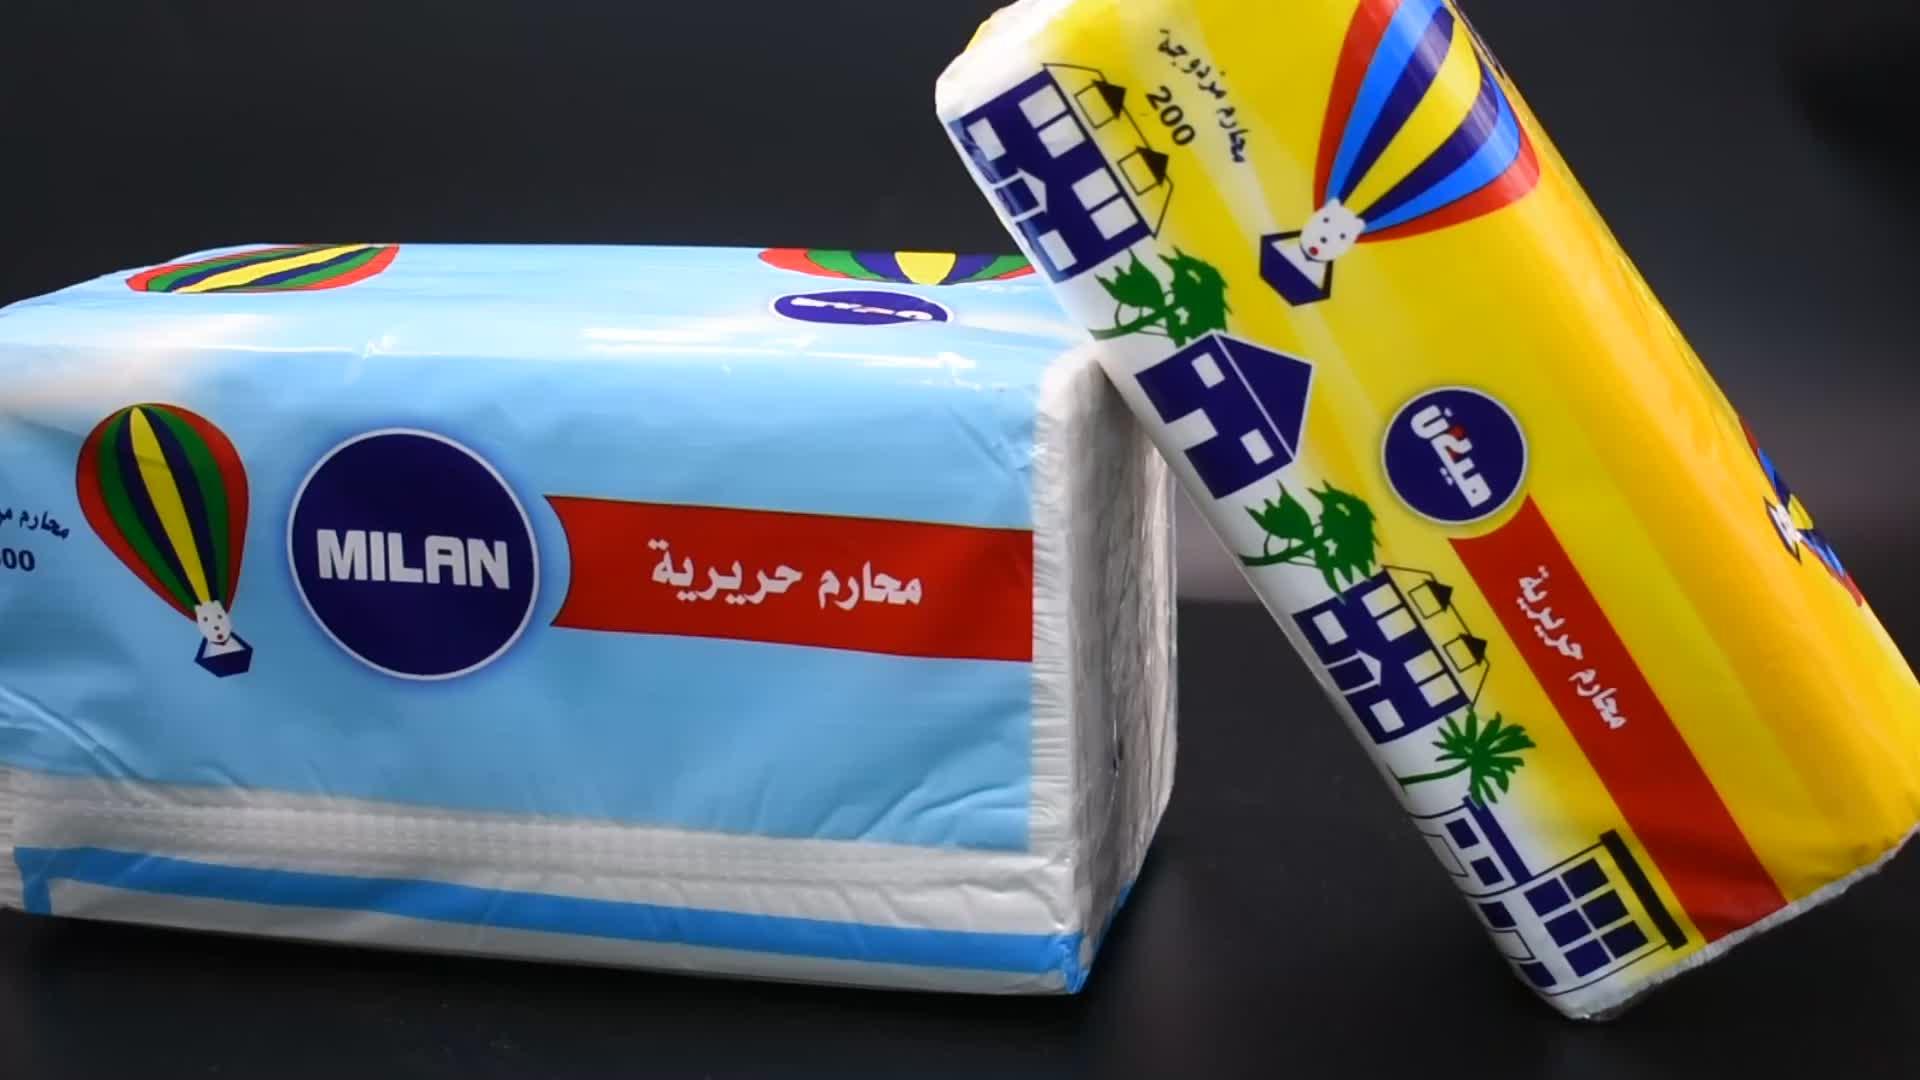 Goedkoopste prijs multi vouw goede kwaliteit reliëf papier handdoek, hand tissuepapier, N Vouw handdoek papier tissue